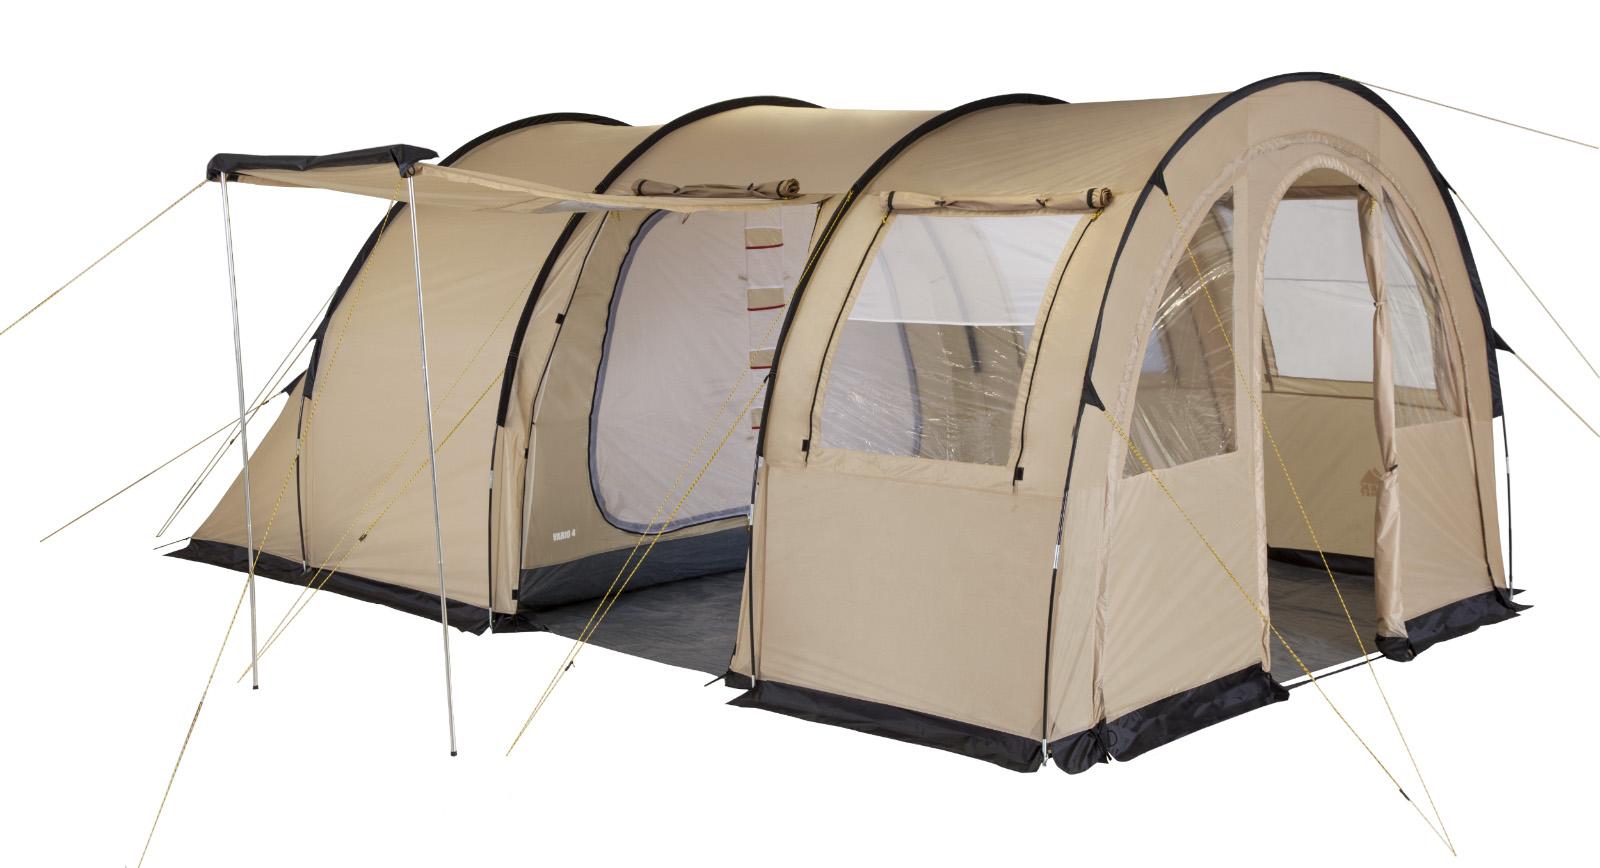 Палатка пятиместная TREK PLANET Vario 5, цвет: песочный2739Пятиместная двухслойная семейная палатка в форме полубочки TREK PLANET Vario 5 с отличной вентиляцией и огромным помещением, позволяющим с комфортом расположиться внутри всей семьей или небольшой компании отдыхающих- отличный выбор для семейного кемпинга и отдыха на природе.Особенности модели:- Размер спальной комнаты: 240 см х 350 см х 210 см;- Тент палатки из полиэстера с пропиткой PU надежно защищает от дождя и ветра;- Все швы проклеены;- Большое и высокое внутреннее помещение, где свободно размещается кемпинговый стол и стулья на 4-5 человек;- Съемный пол в тамбуре из армированного полиэтилена;- Передняя стенка палатки может быть перестегнута на вторую секцию дуг, образуя козырек перед палаткой, а также может быть снята совсем;- Четыре обзорных окна со шторкой во внутреннем помещении, совмещенные с вентиляционными окнами.- Защитная юбка из армированного полиэтилена по периметру внутреннего помещения;- Большой выносной козырек на металлических стойках;- Дуги из прочного стеклопластика;- Дно из прочного водонепроницаемого армированного полиэтилена позволяет устанавливать палатку на жесткой траве, песчаной поверхности, глине и т.д.;- Внутренняя палатка из дышащего полиэстера, обеспечивают вентиляцию помещения и позволяют конденсату испаряться, не проникая внутрь палатки;- Трехпозиционные вентиляционные окна в спальных отделениях (закрыто, частично открыто, полностью открыто);- Разделительная перегородка в спальном отделении;- Раздельный вход в каждое спальное отделение;- Москитные сетки на на каждом входе во внутреннюю палатку в полный размер двери;- Внутренние карманы для мелочей;- Удобный органайзер между D-образными дверьми в спальное отделение;- Возможность подвески фонаря в палатке.Для удобства транспортировки и хранения предусмотрен чехол из прочного полиэстера OXFORD, с двумя ручками и закрывающийся на застежку-молнию.